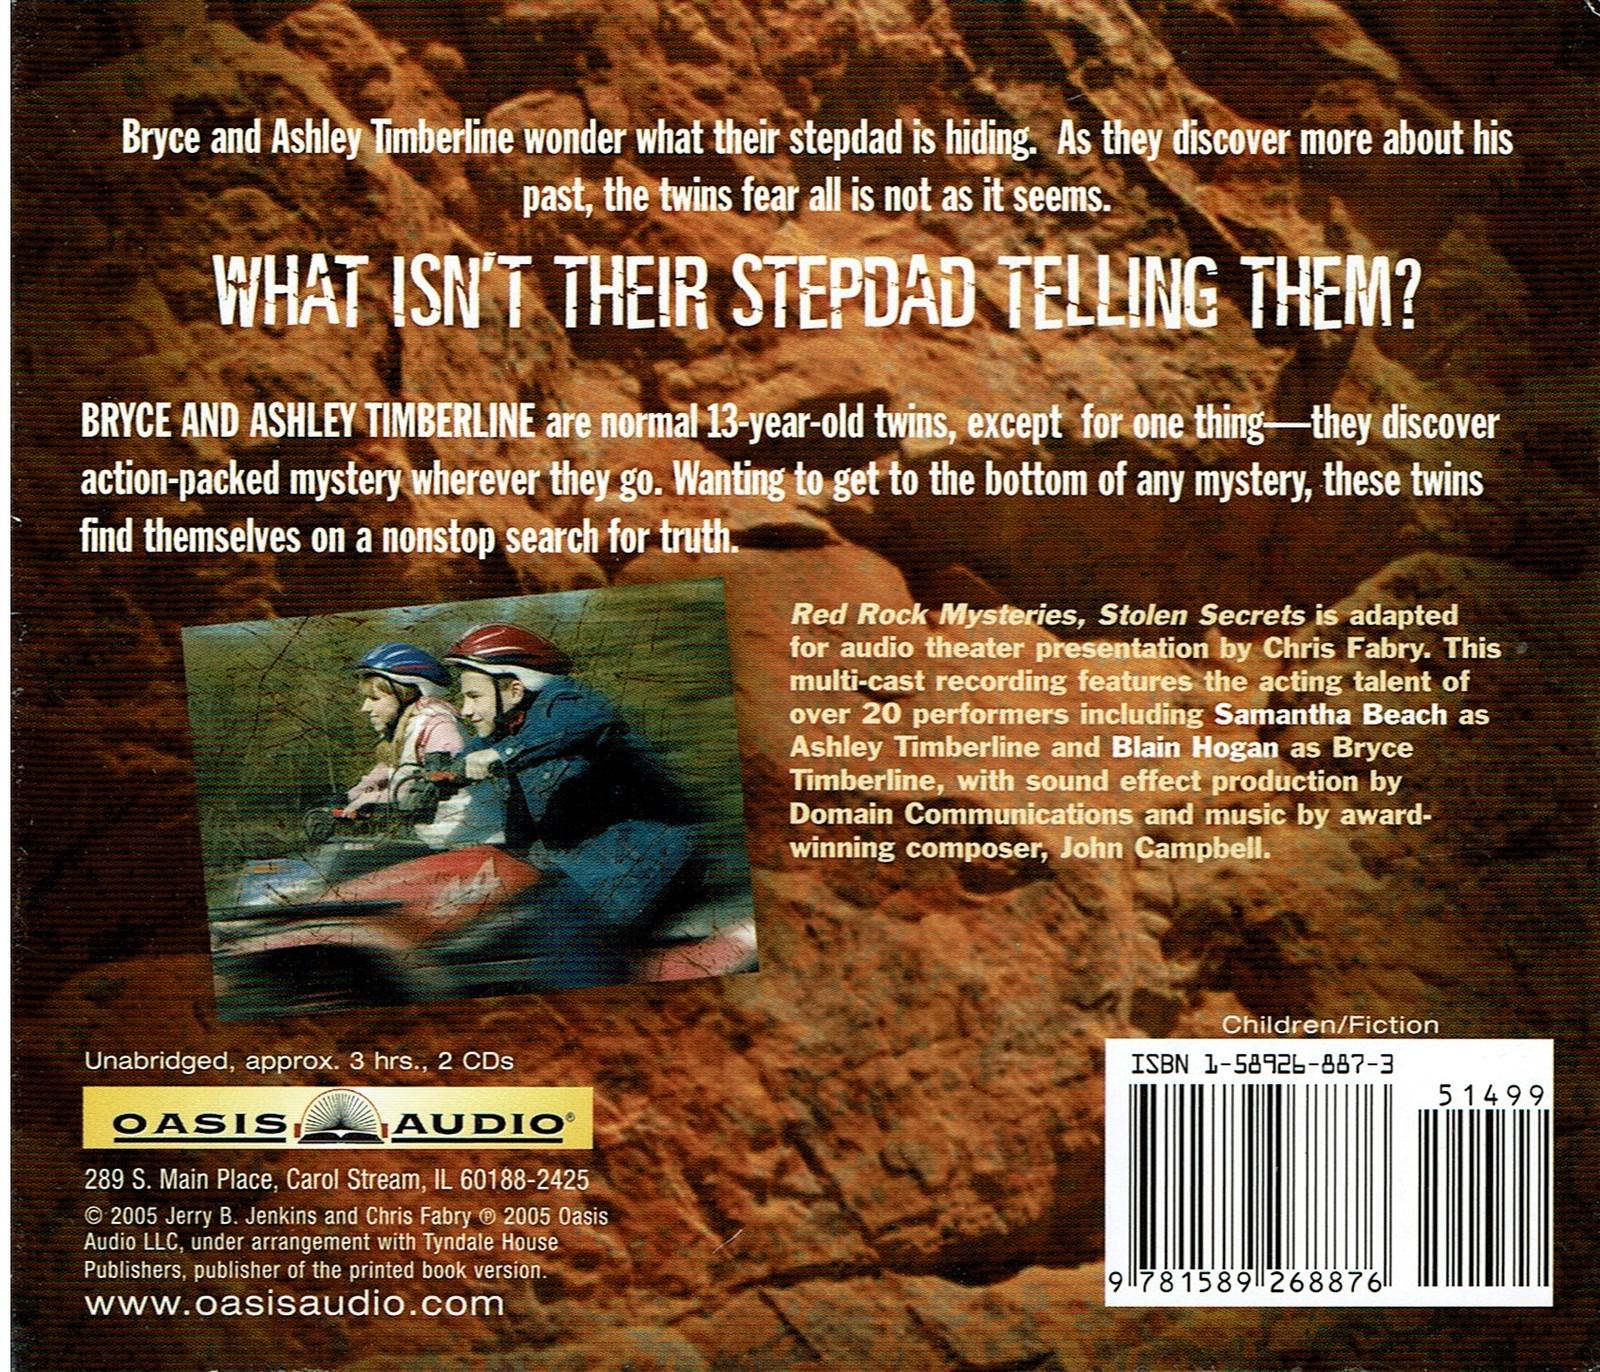 Stolen Secrets (Red Rock Mysteries) Audiobook Audio CD, Unabridged 3 hours 2 CDs